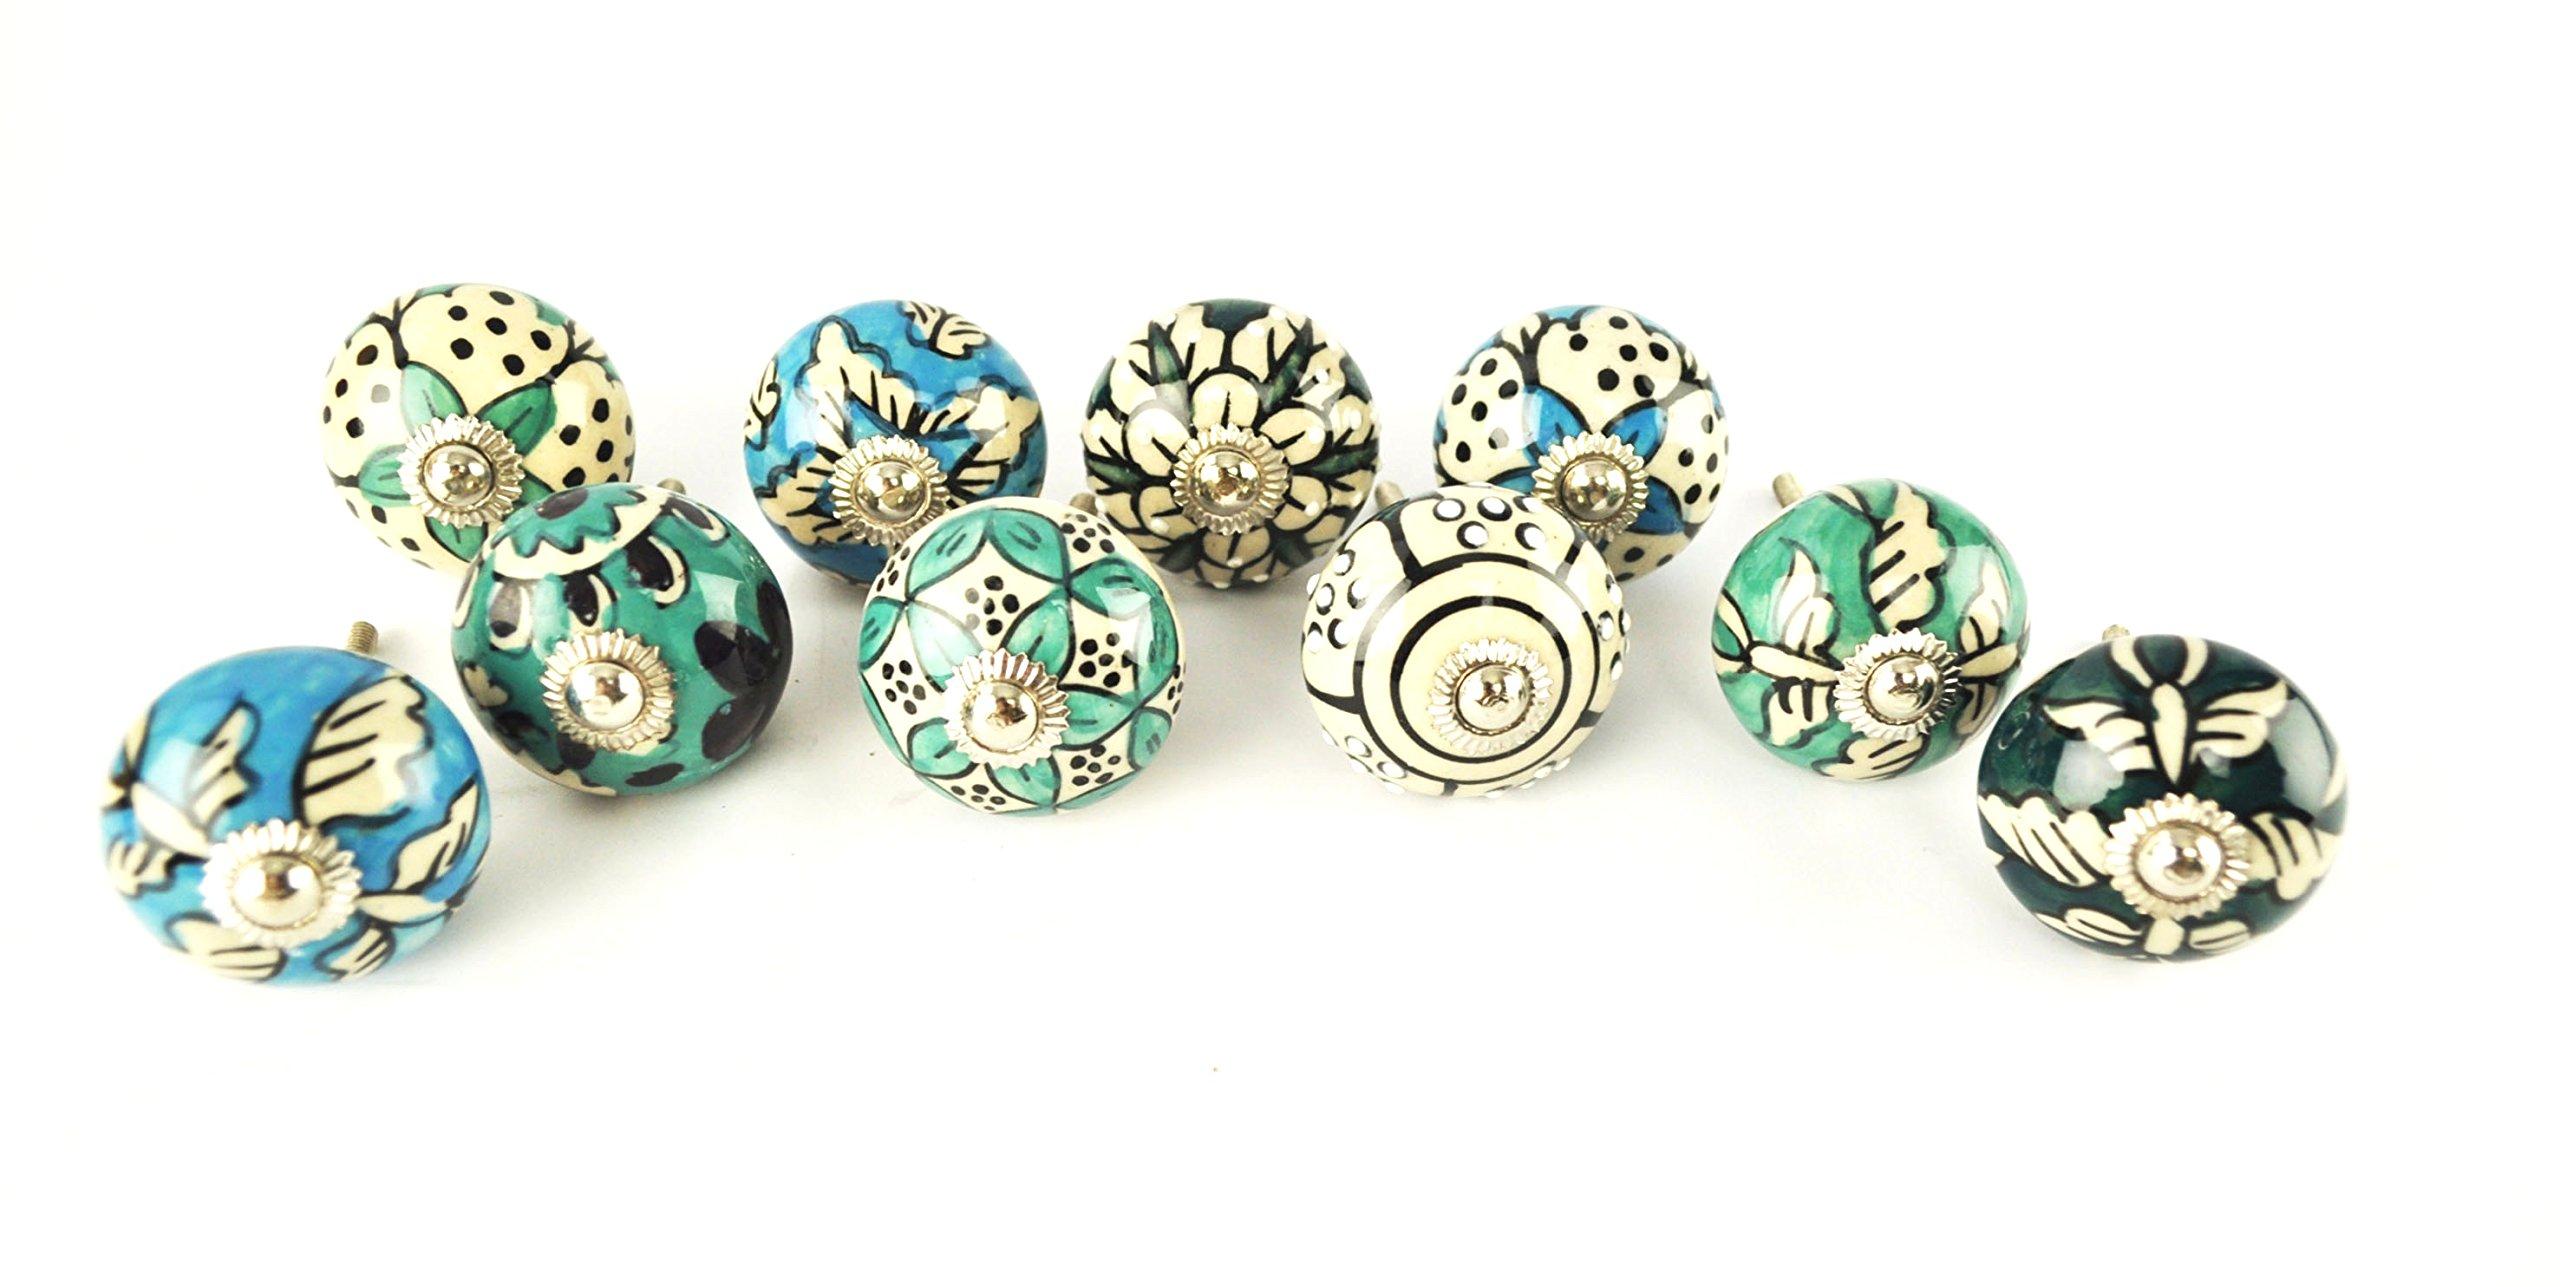 Set Of 10 Ceramic Cabinet Knobs, Blue Floral Cupboard Drawer Door Pulls  Design